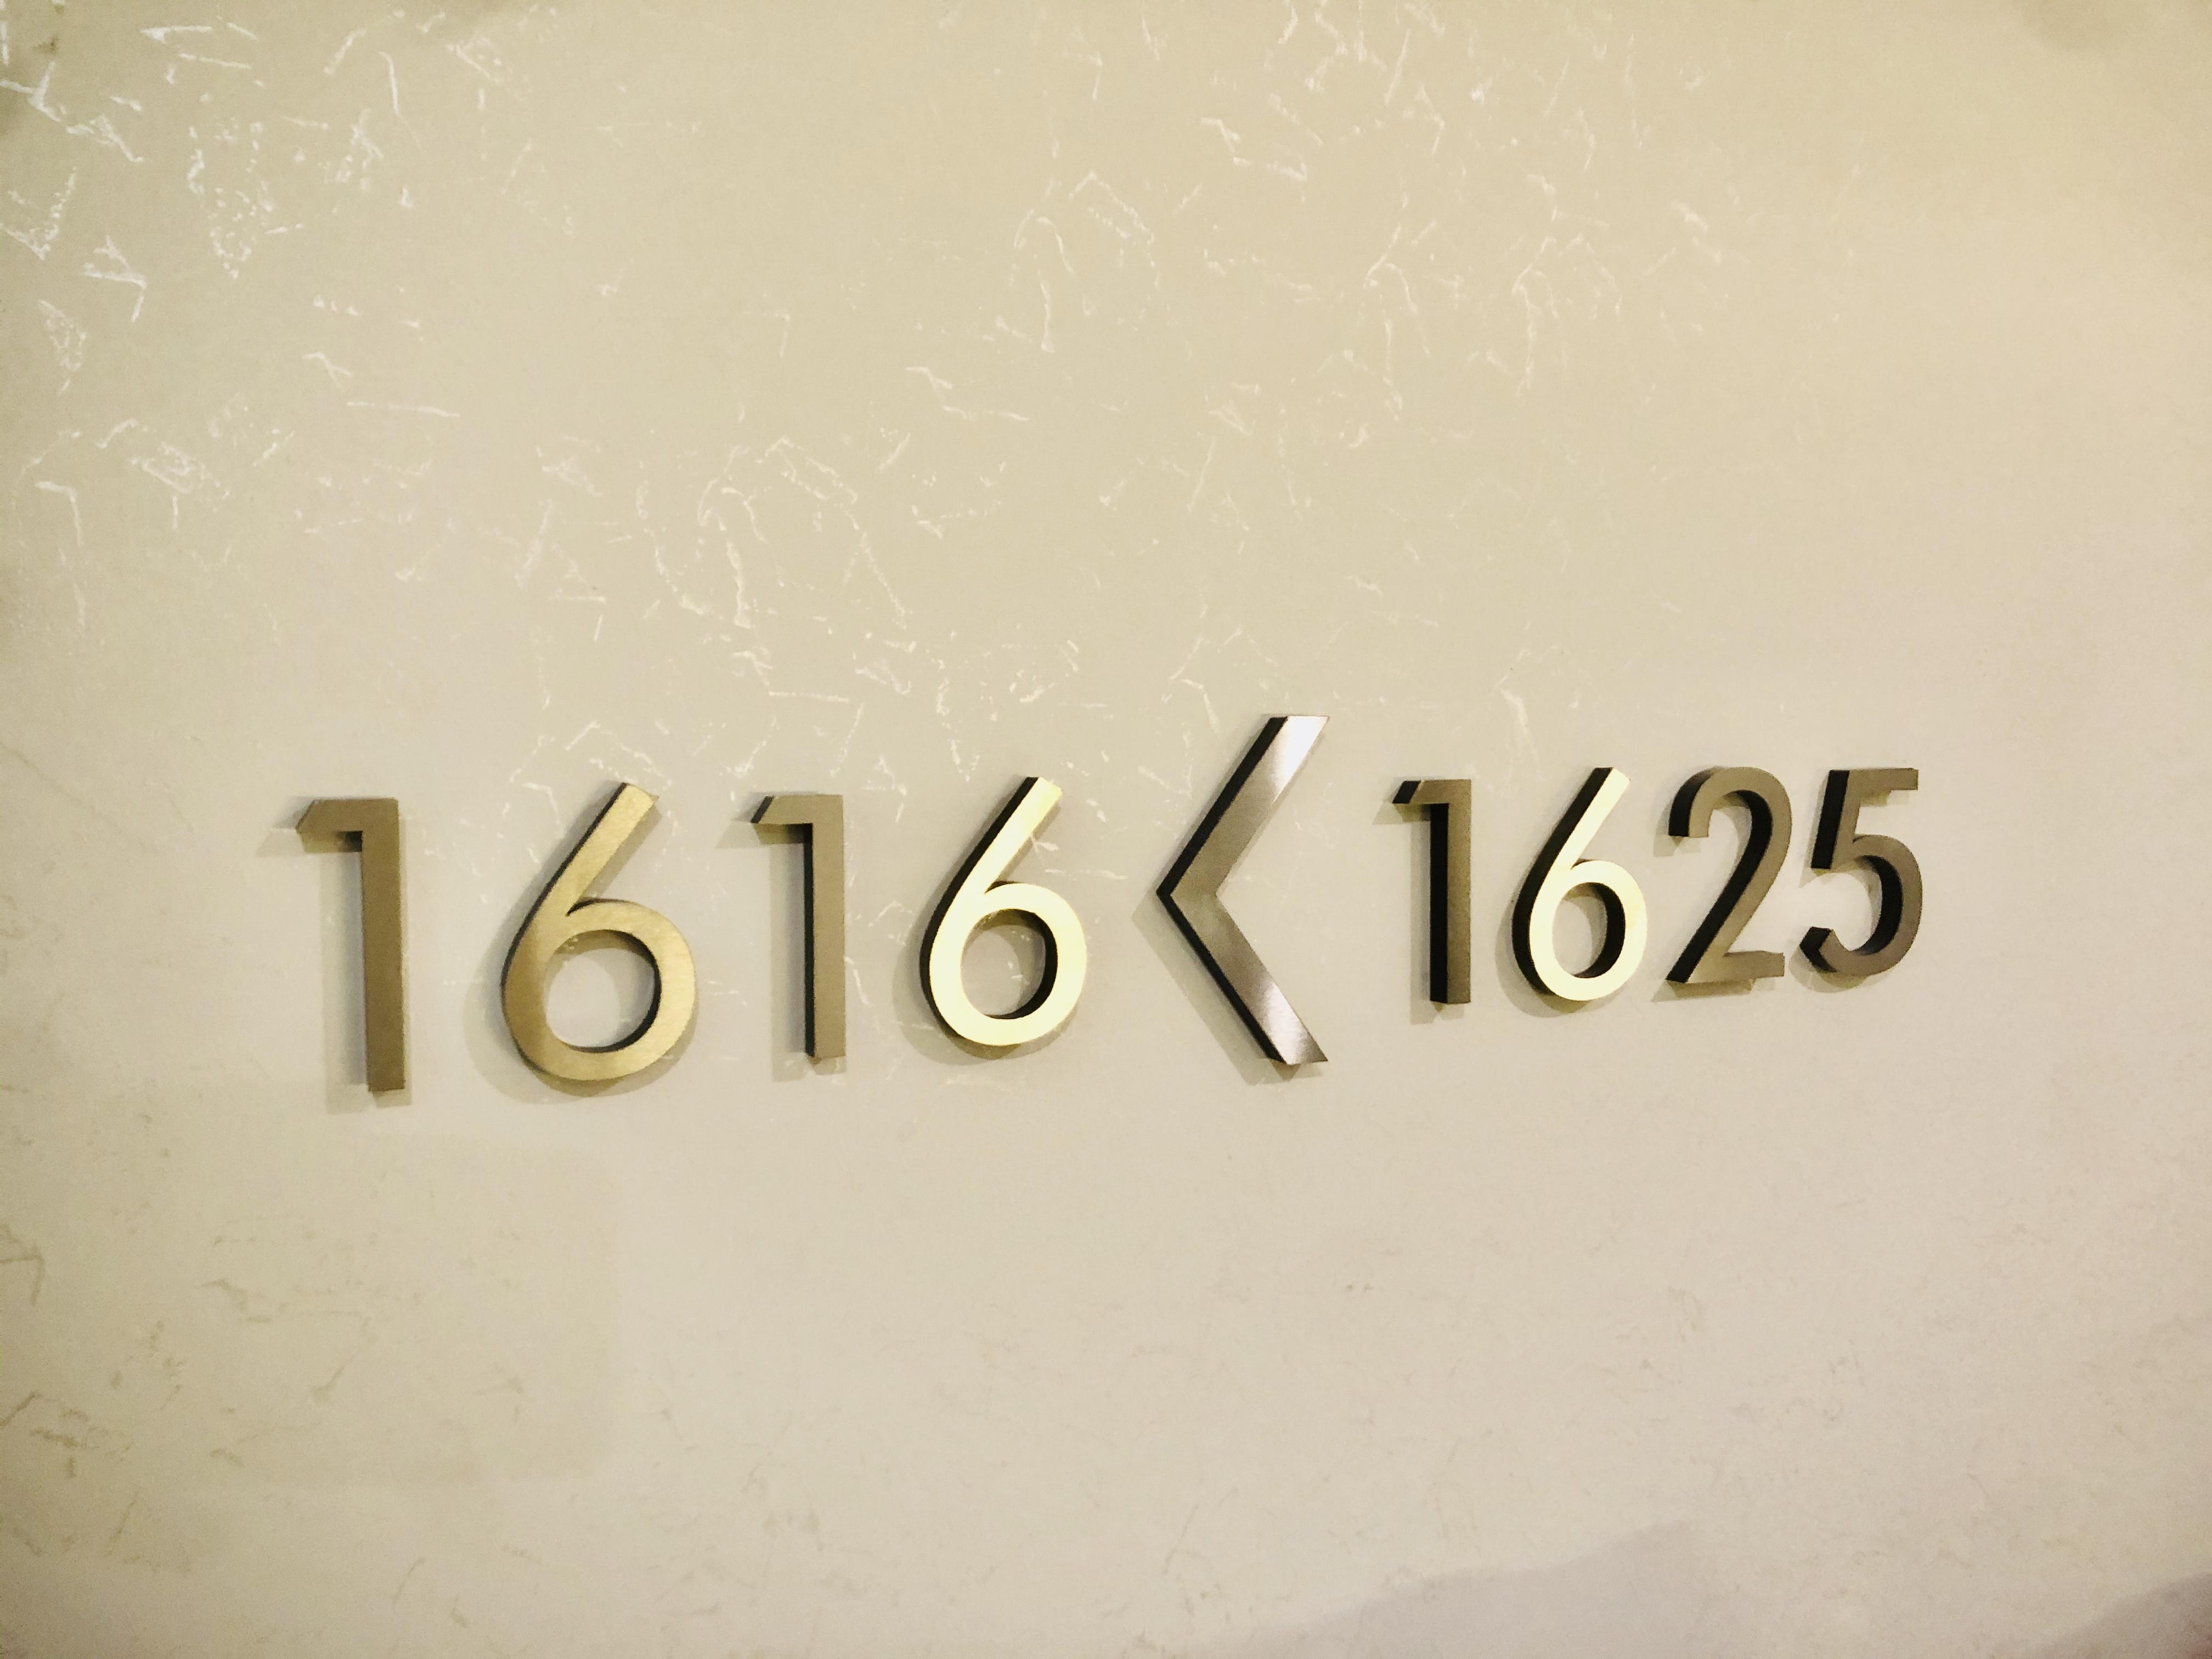 7FEC6232-3E0A-4850-9AA9-01150874B073